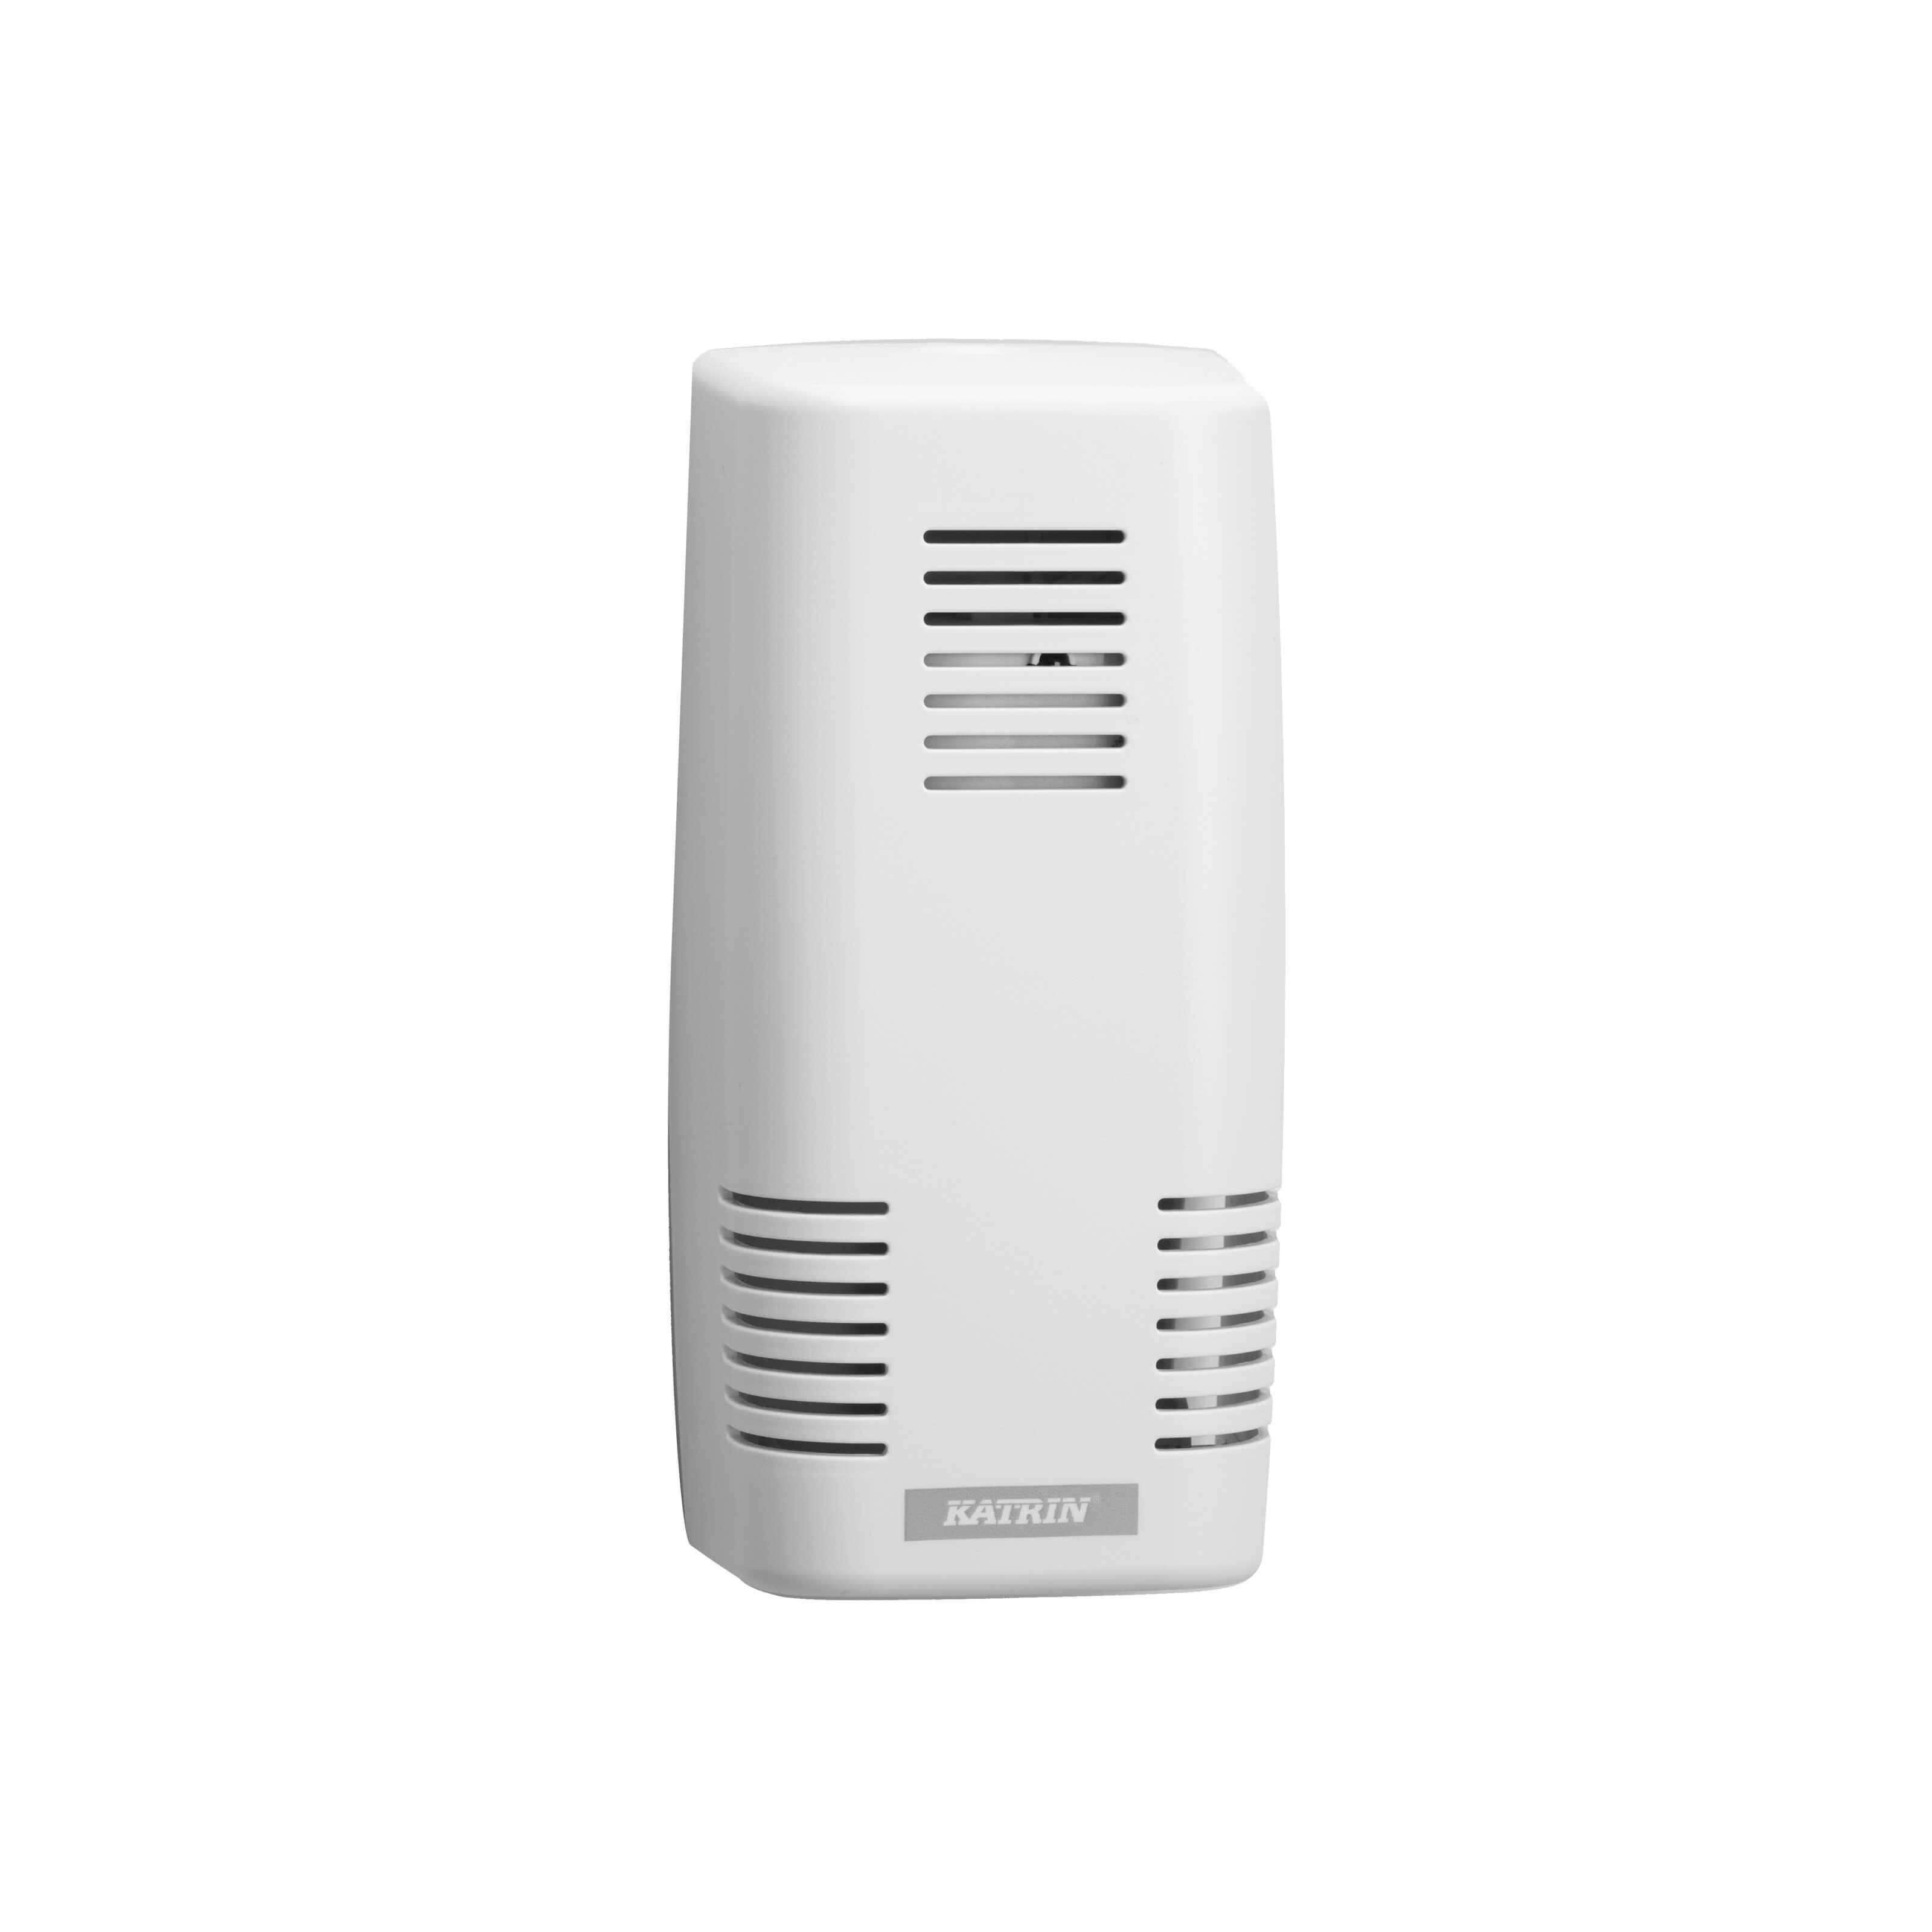 Dispenser til luftfrisker